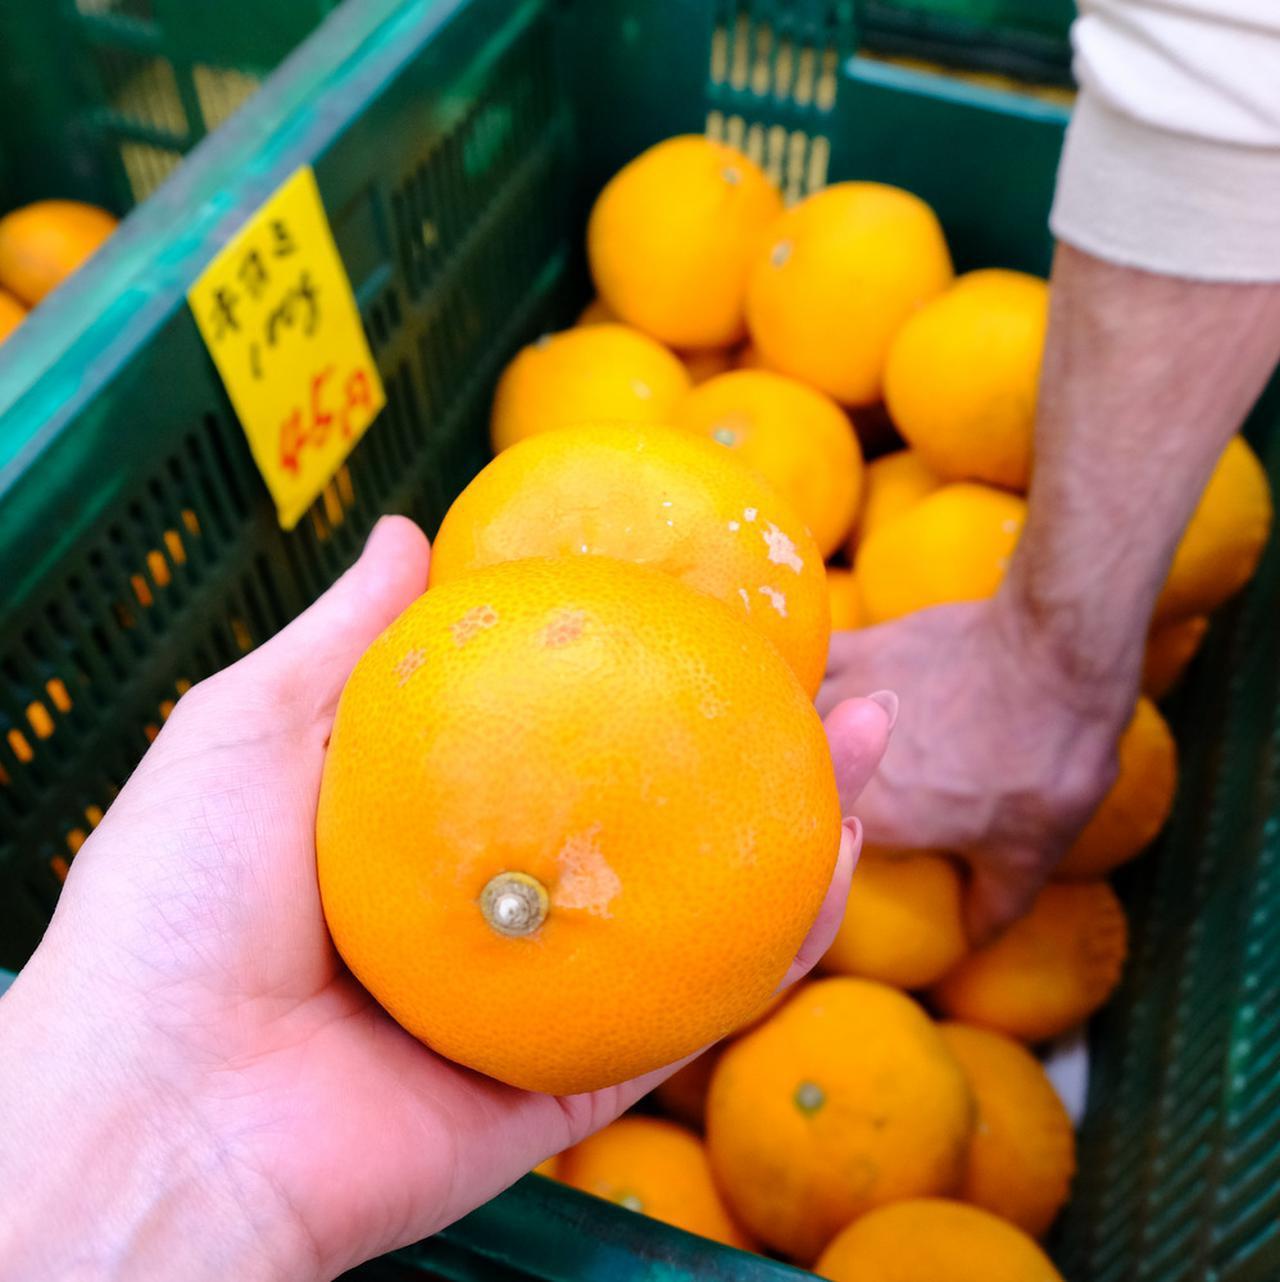 画像: 鳥津さんからも近い八百屋さんで柑橘を選んでもらいます。愛媛に来たら本場のものを旬のうちに購入したいと思っていたのです。